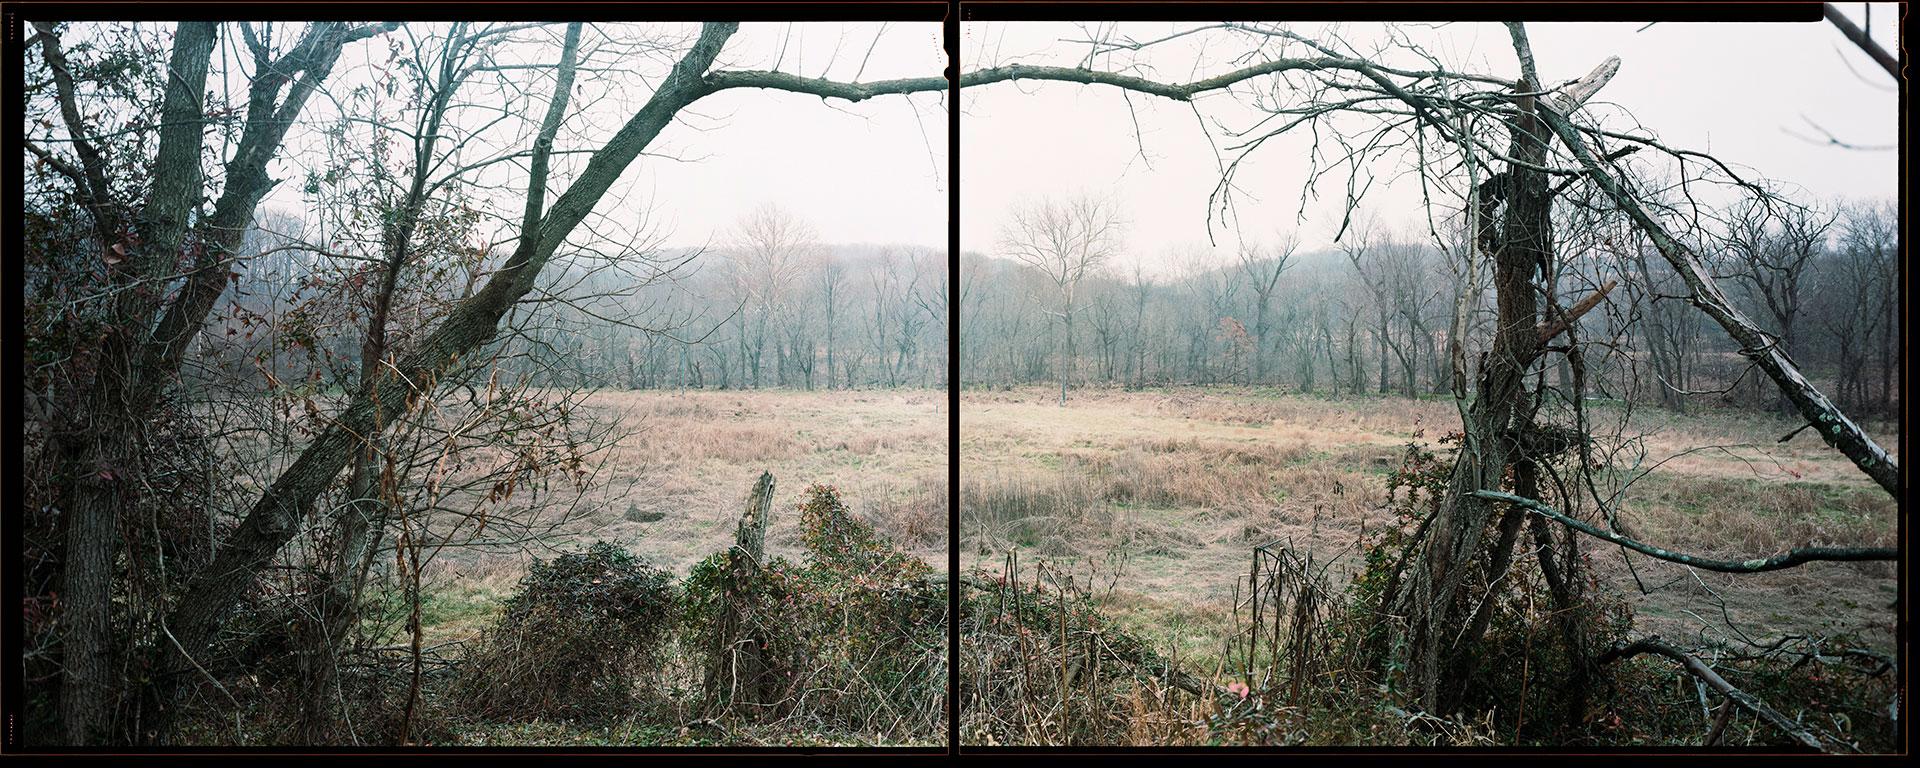 19_Broken-Land_Eliot-Dudik